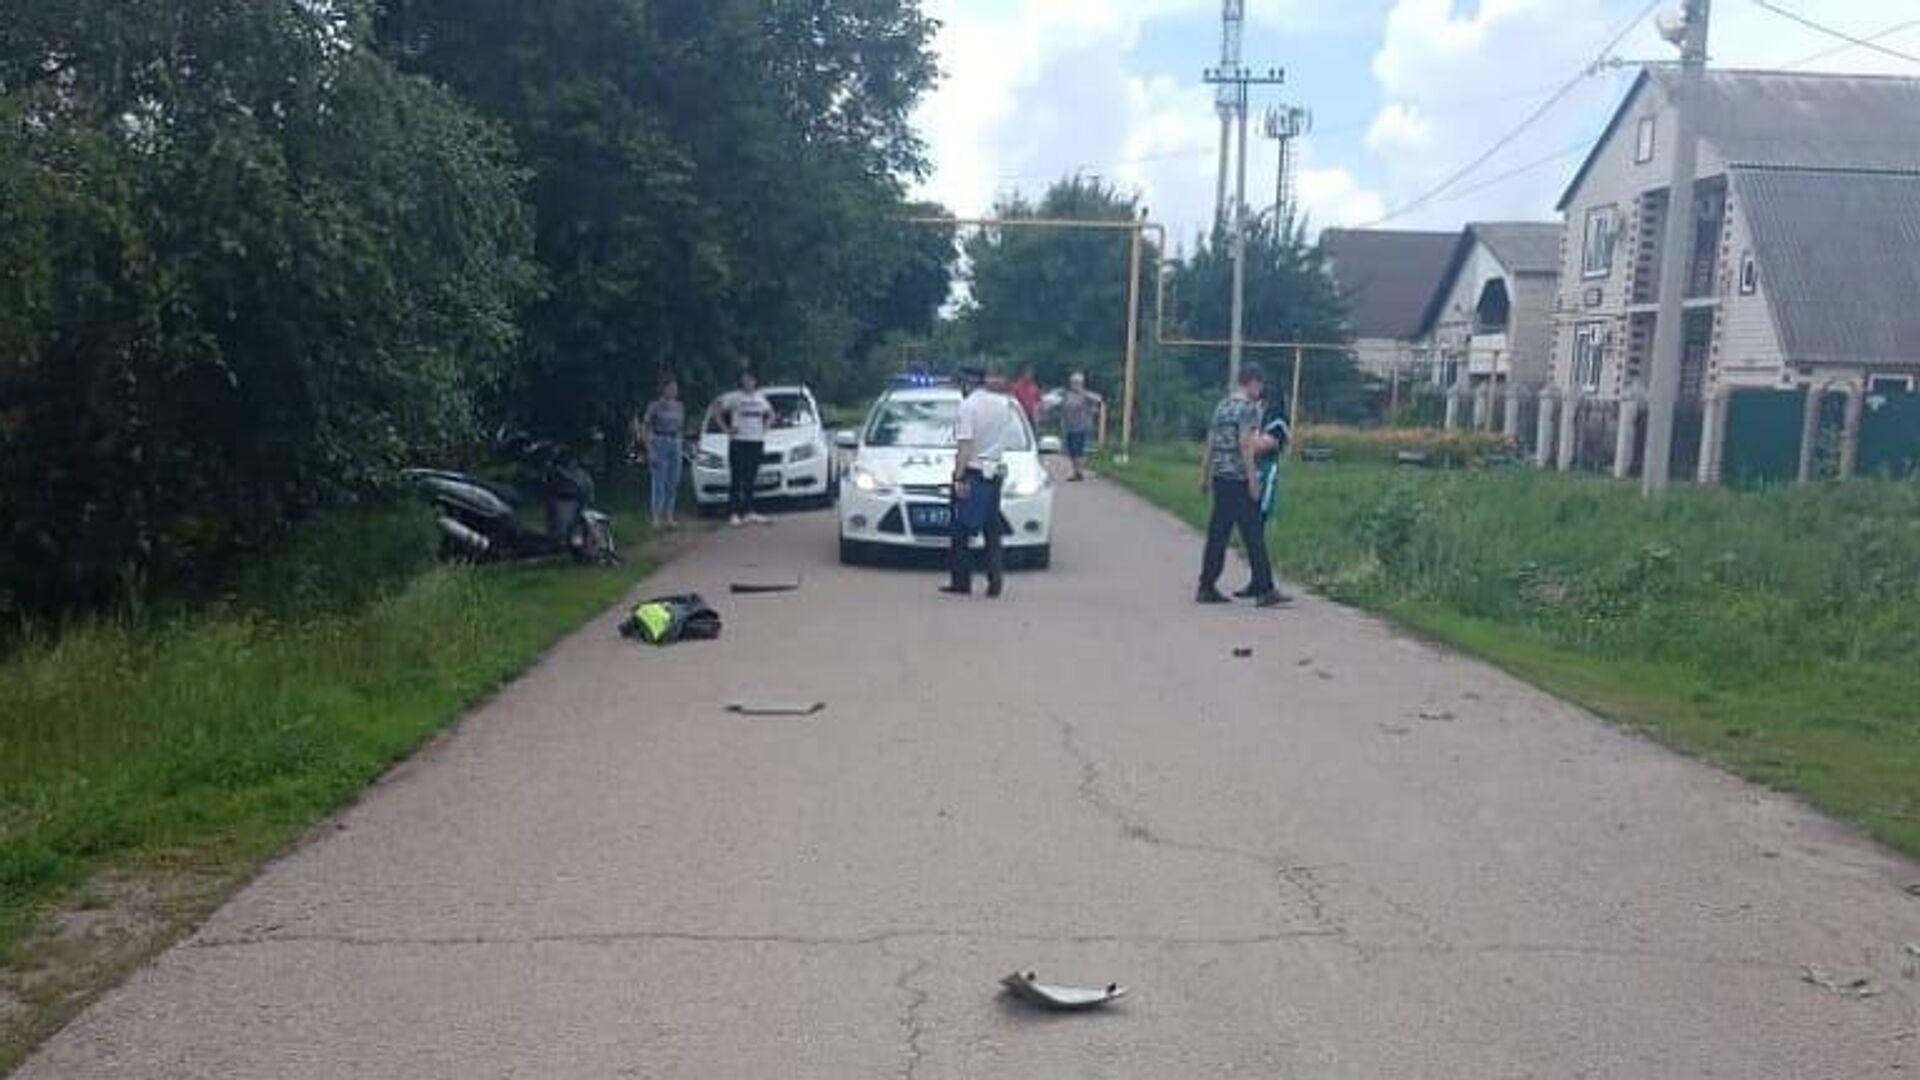 На месте ДТП в Донецке Ростовской области, где 14-летний мотоциклист наехал на четырехлетнюю девочку - РИА Новости, 1920, 10.06.2021